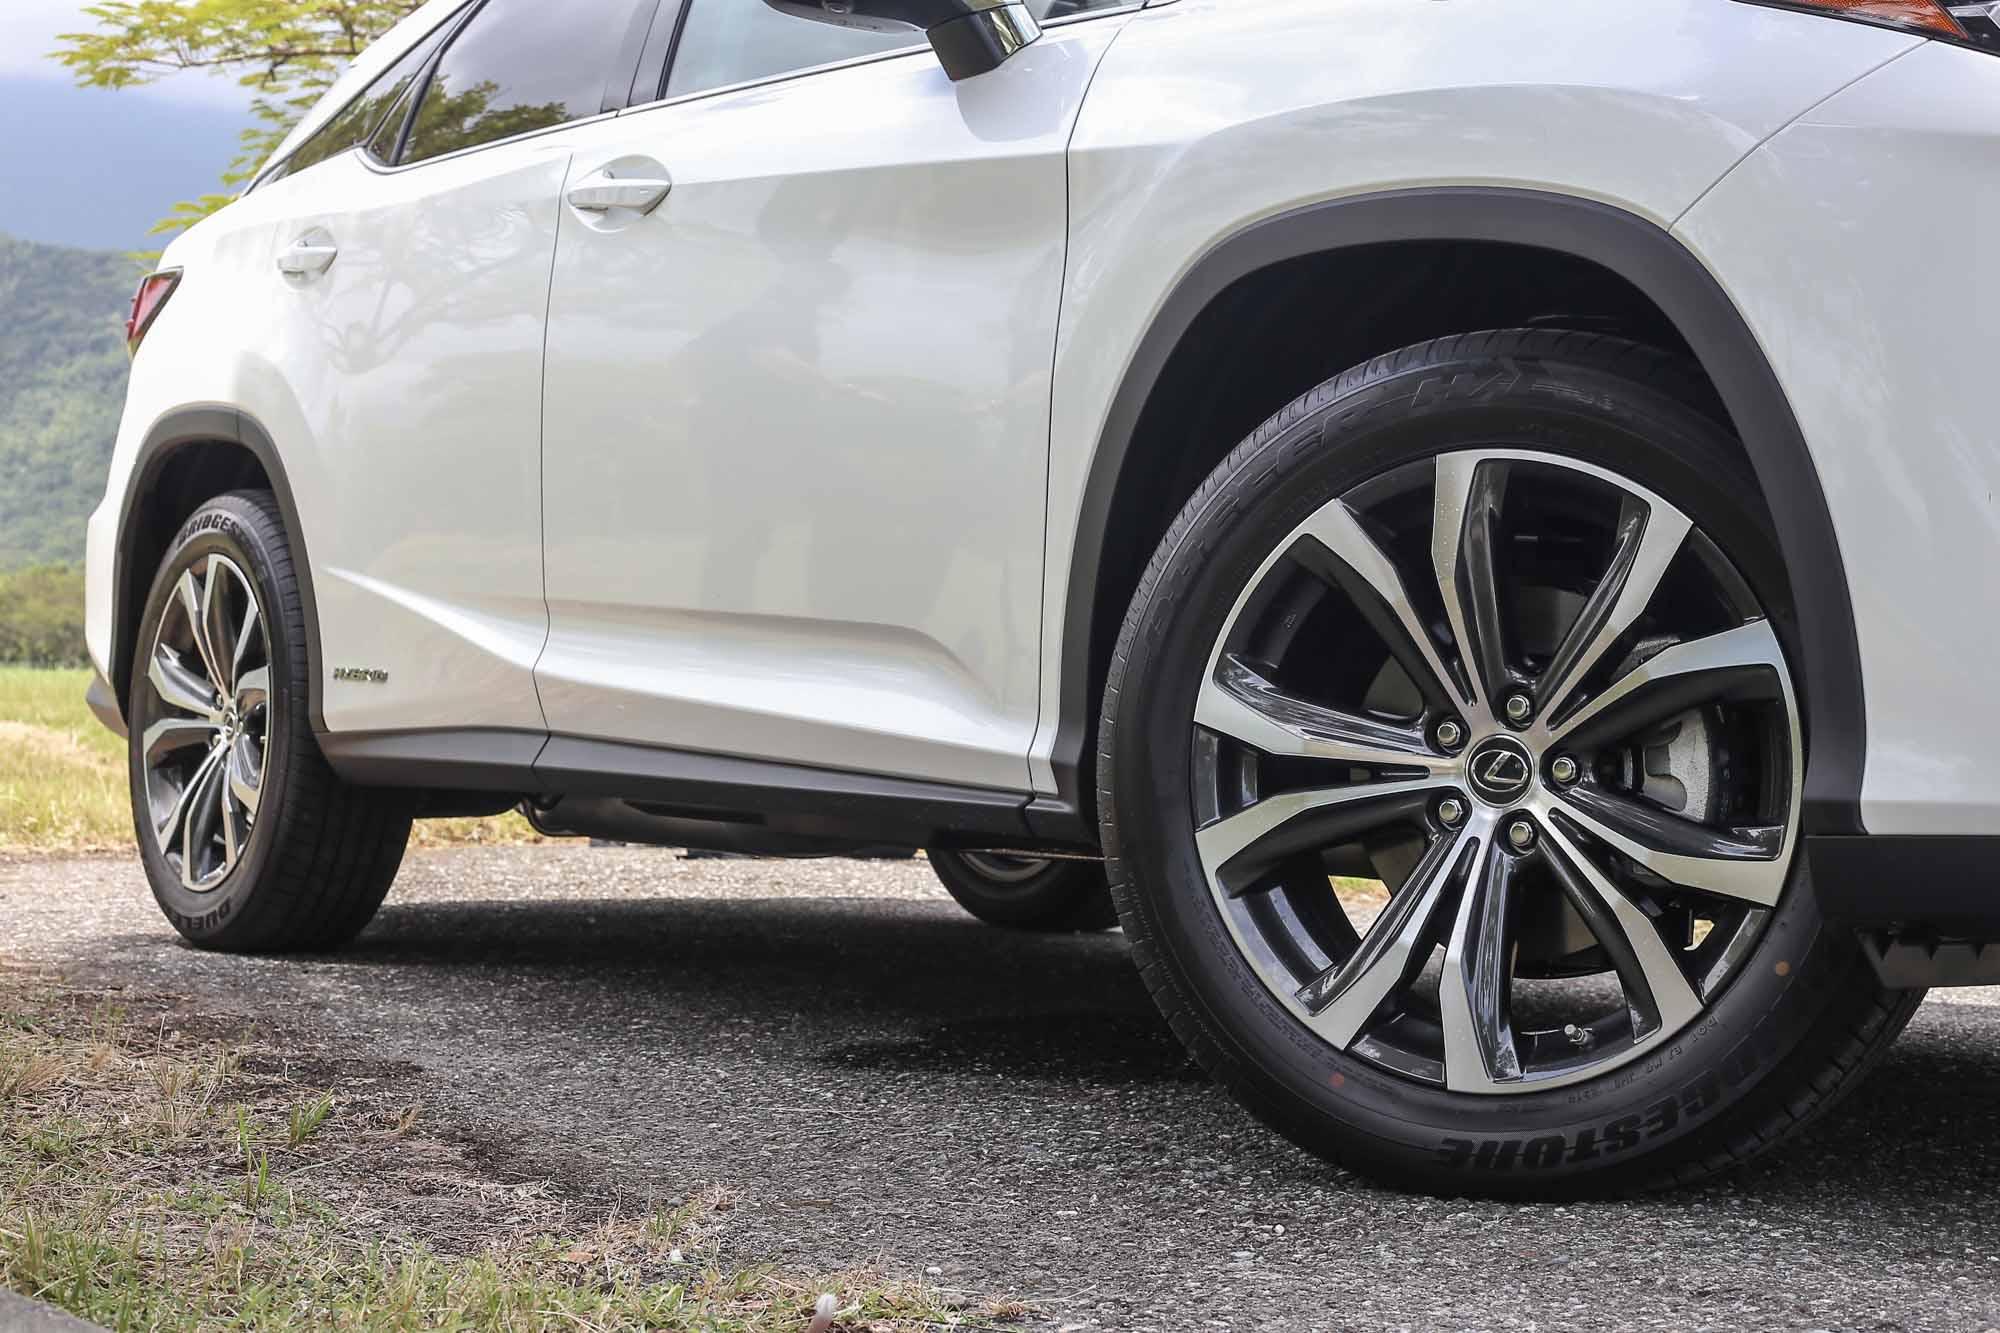 RX 450h 車型皆配置 235 / 55 R20 胎圈尺碼。